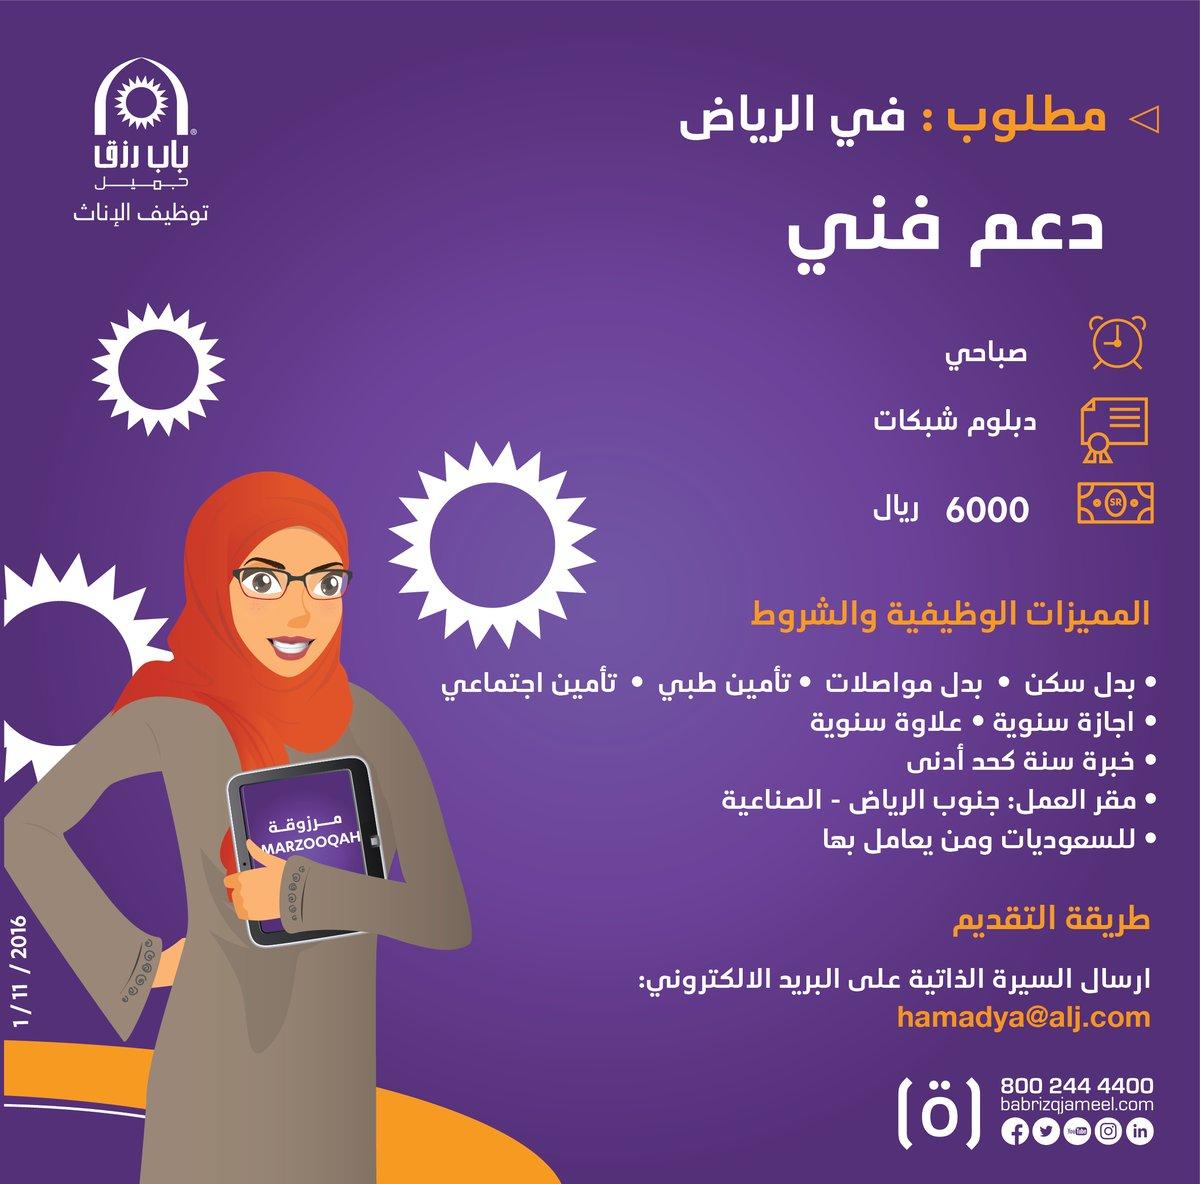 مطلوب موظفة دعم فني - الرياض